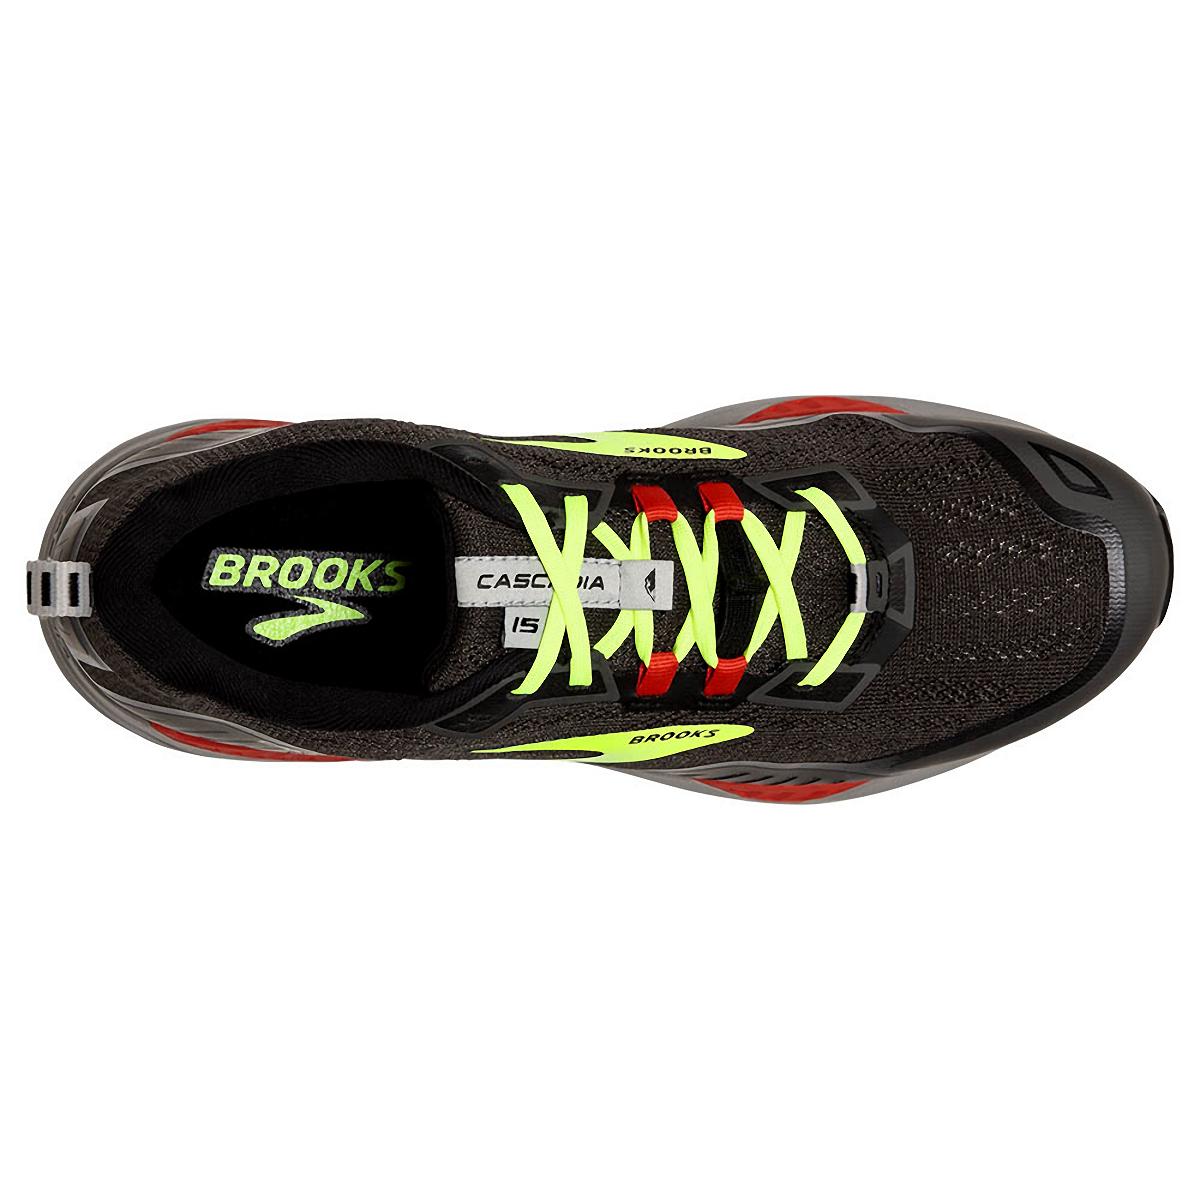 Men's Brooks Cascadia 15 Trail Running Shoe - Color: Black/Raven - Size: 8.5 - Width: Regular, Black/Raven, large, image 5